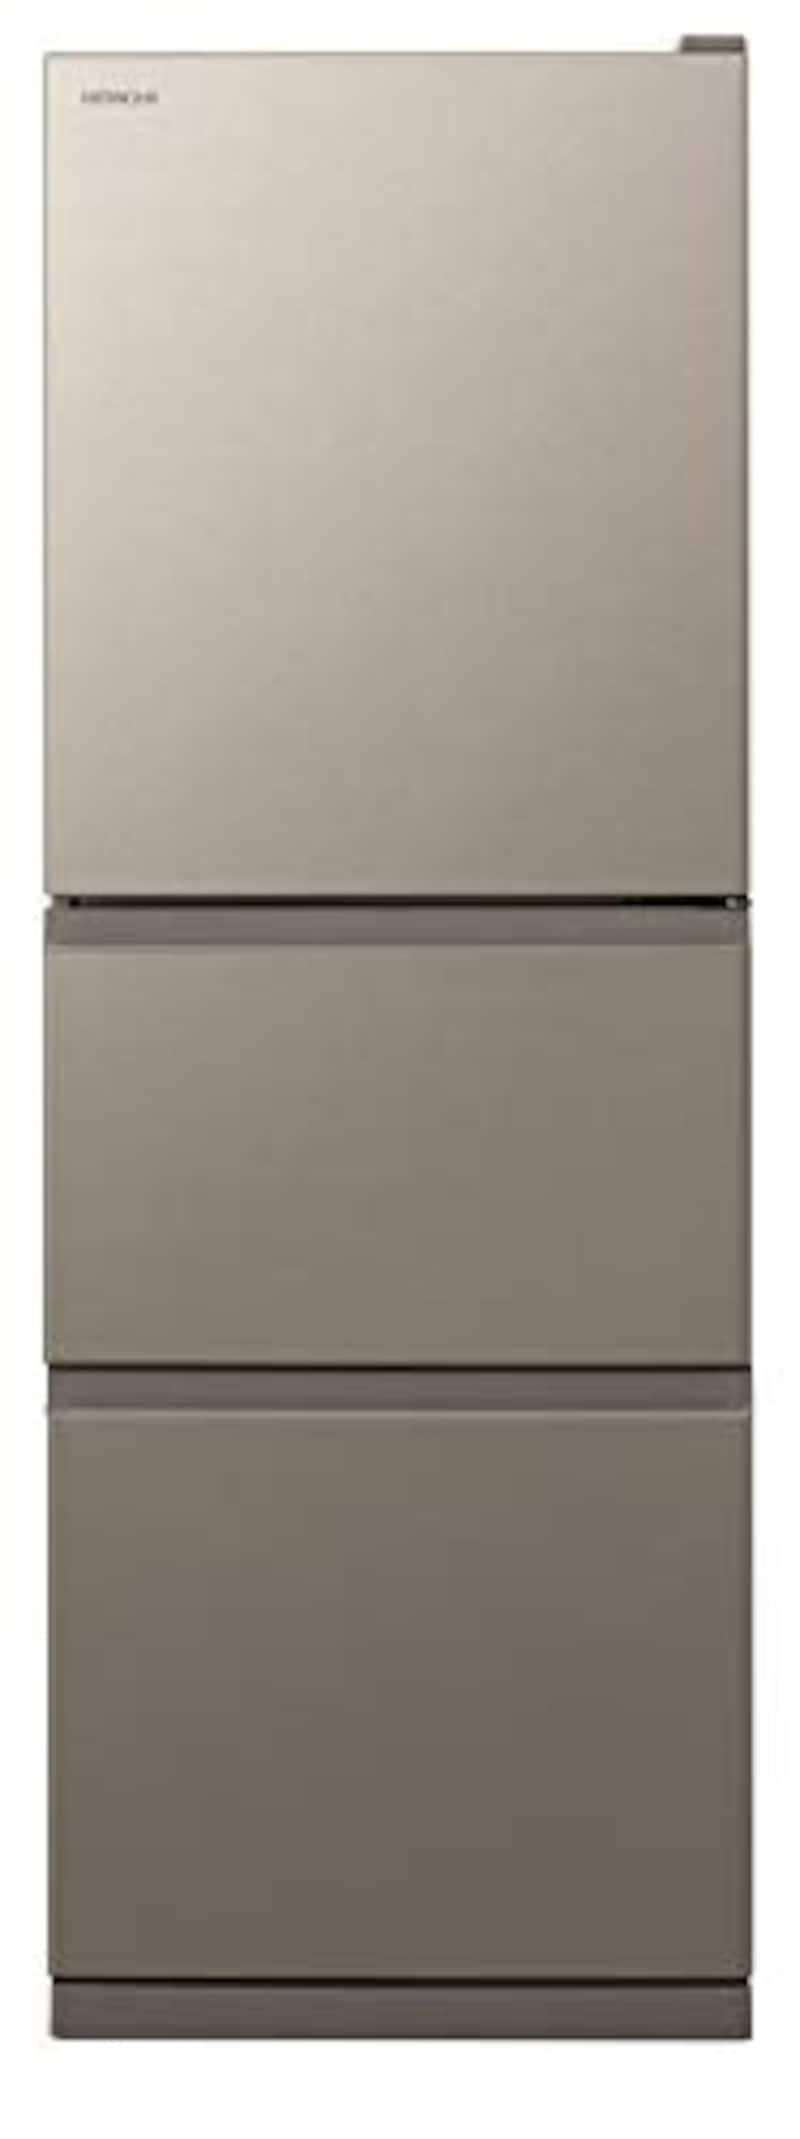 日立,3ドア冷蔵庫まんなか野菜室 265L,R-27KV-N